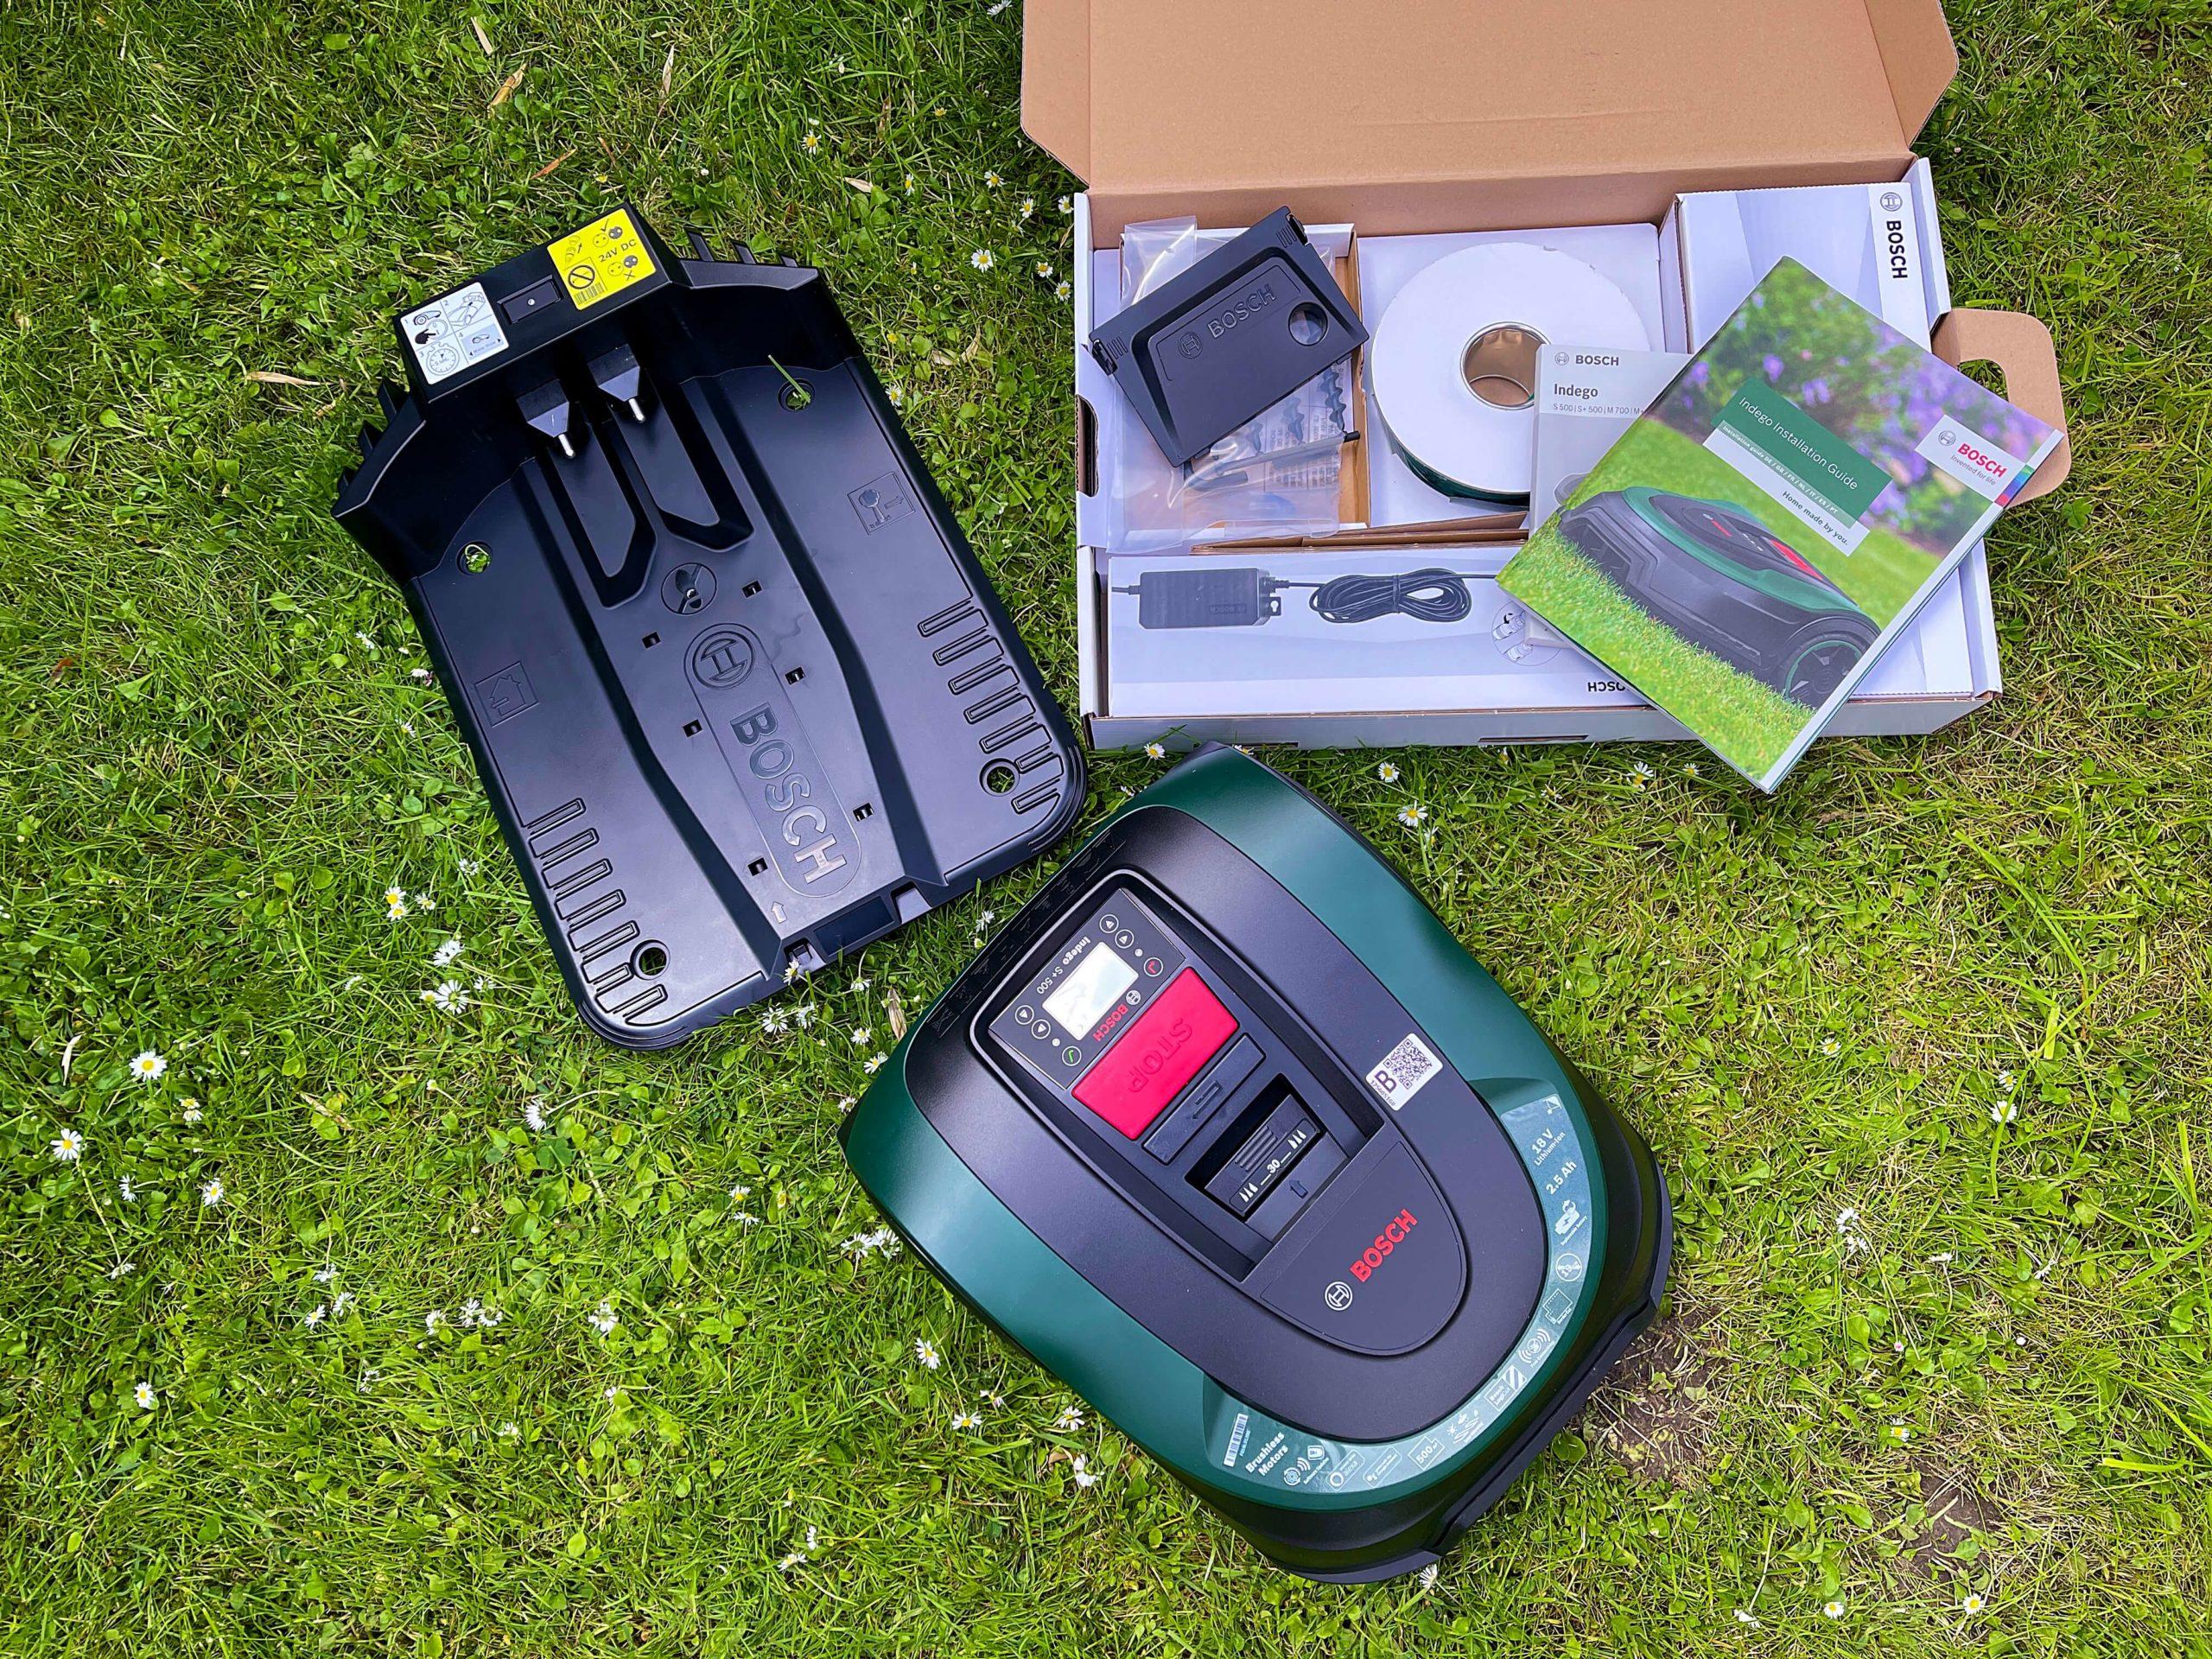 Indego-S-500-Rasenmaeherroboter-von-Bosch-smart-zur-besten-Rasenguete1-scaled Indego S+ 500 Rasenmähroboter von Bosch - Smart zur besten Rasengüte